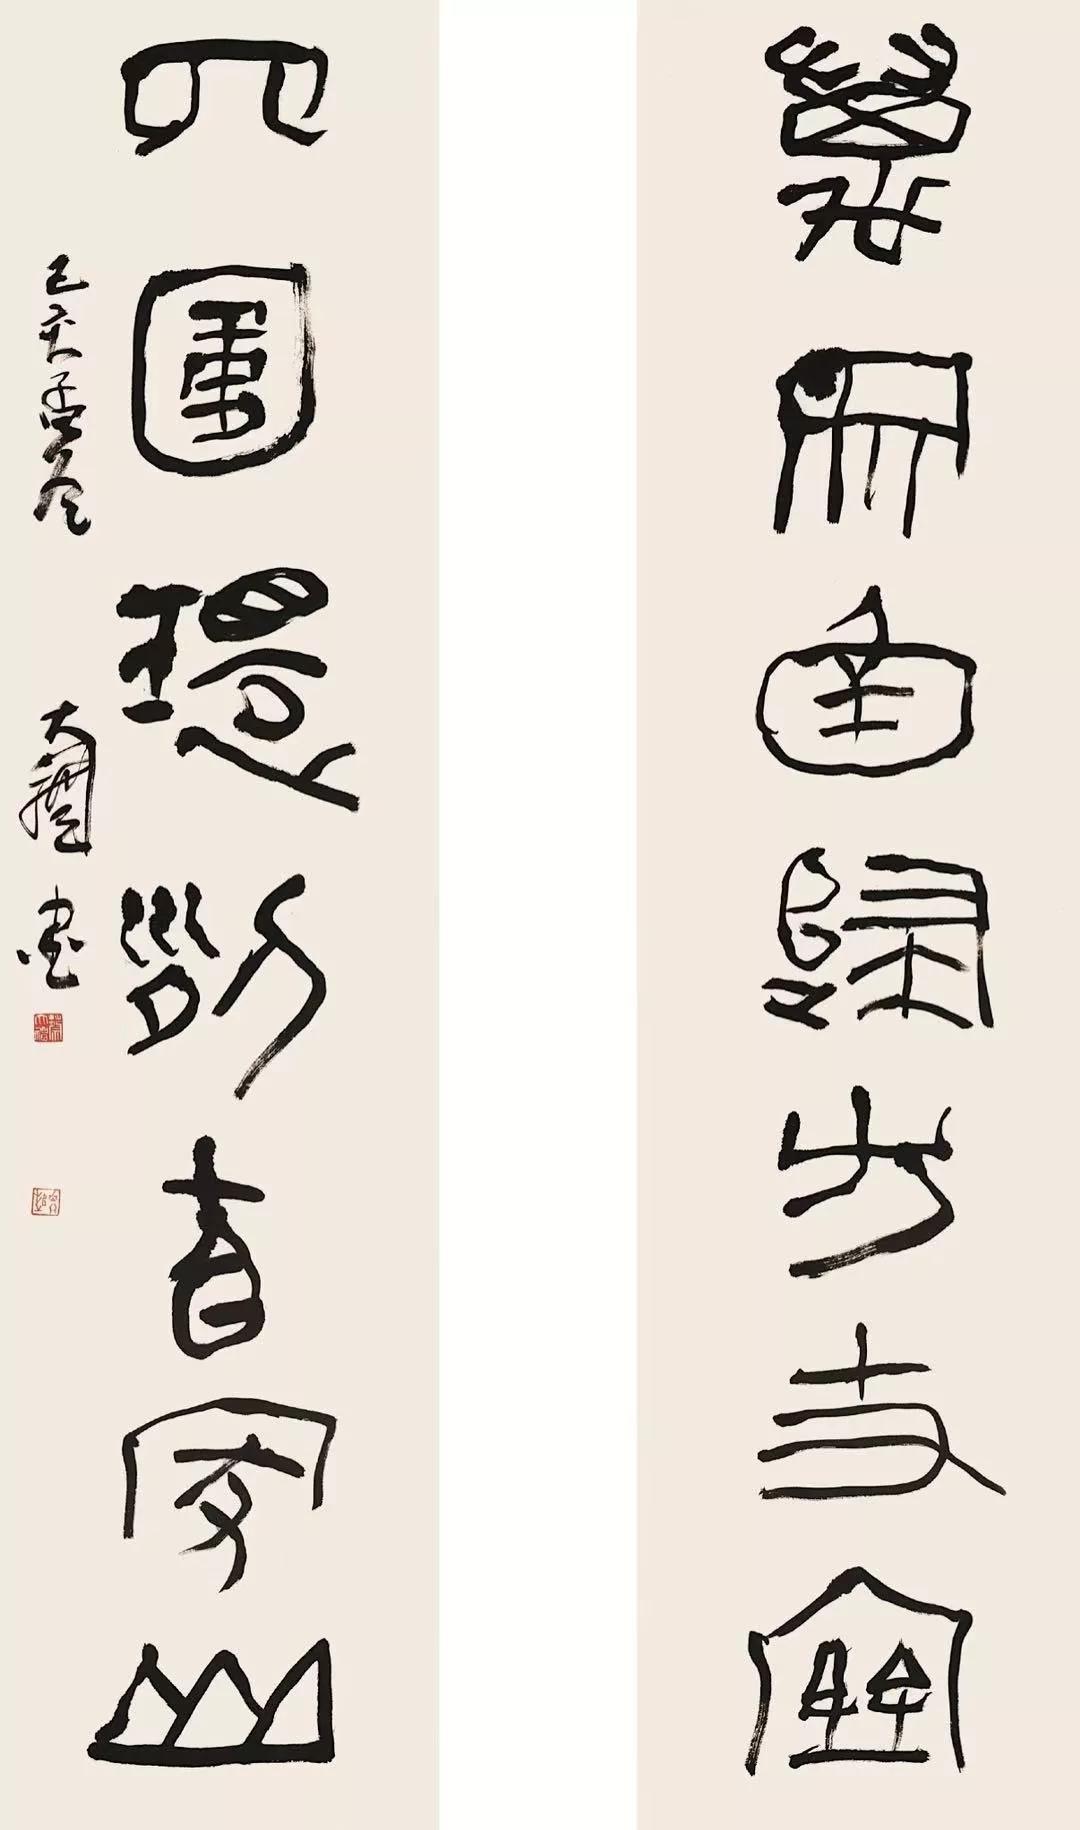 蔡大礼 万象四围篆书联 136cm×34cm×2 2019年